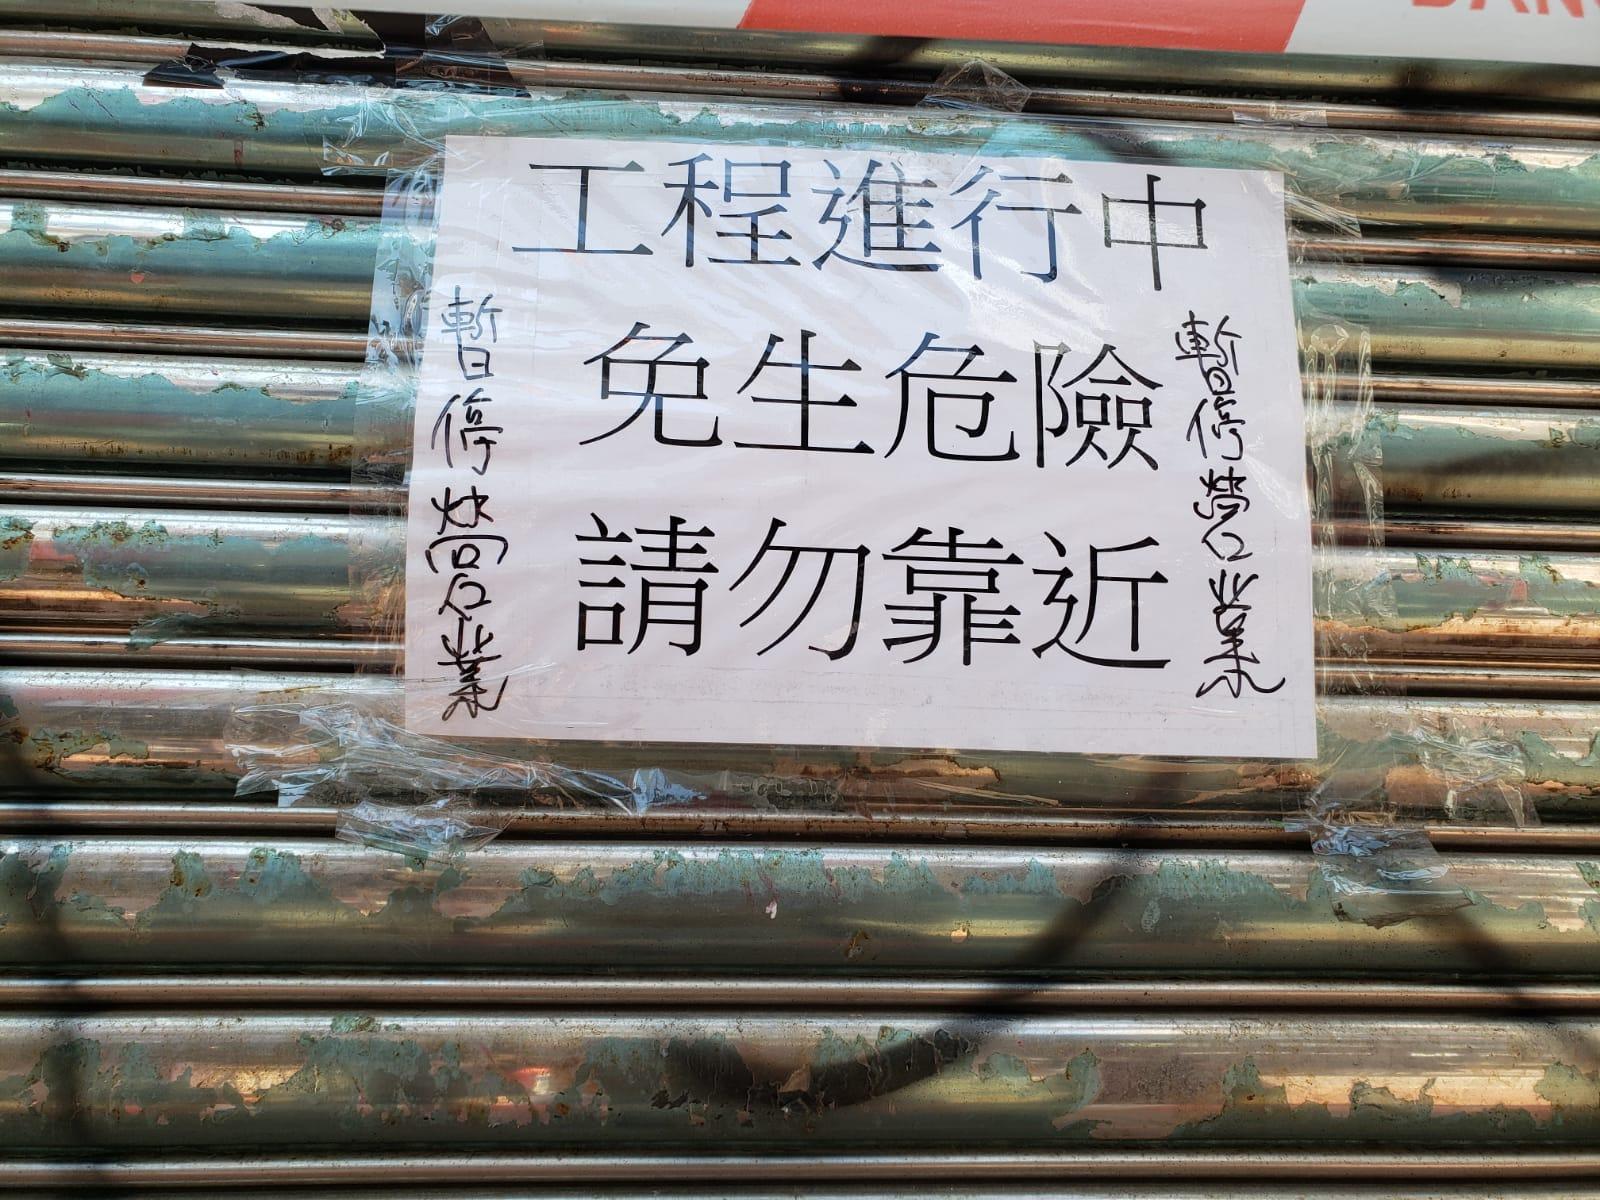 店鋪內的貨物仍散滿一地,貼上「工程進行中,免生危險,請勿靠近」。